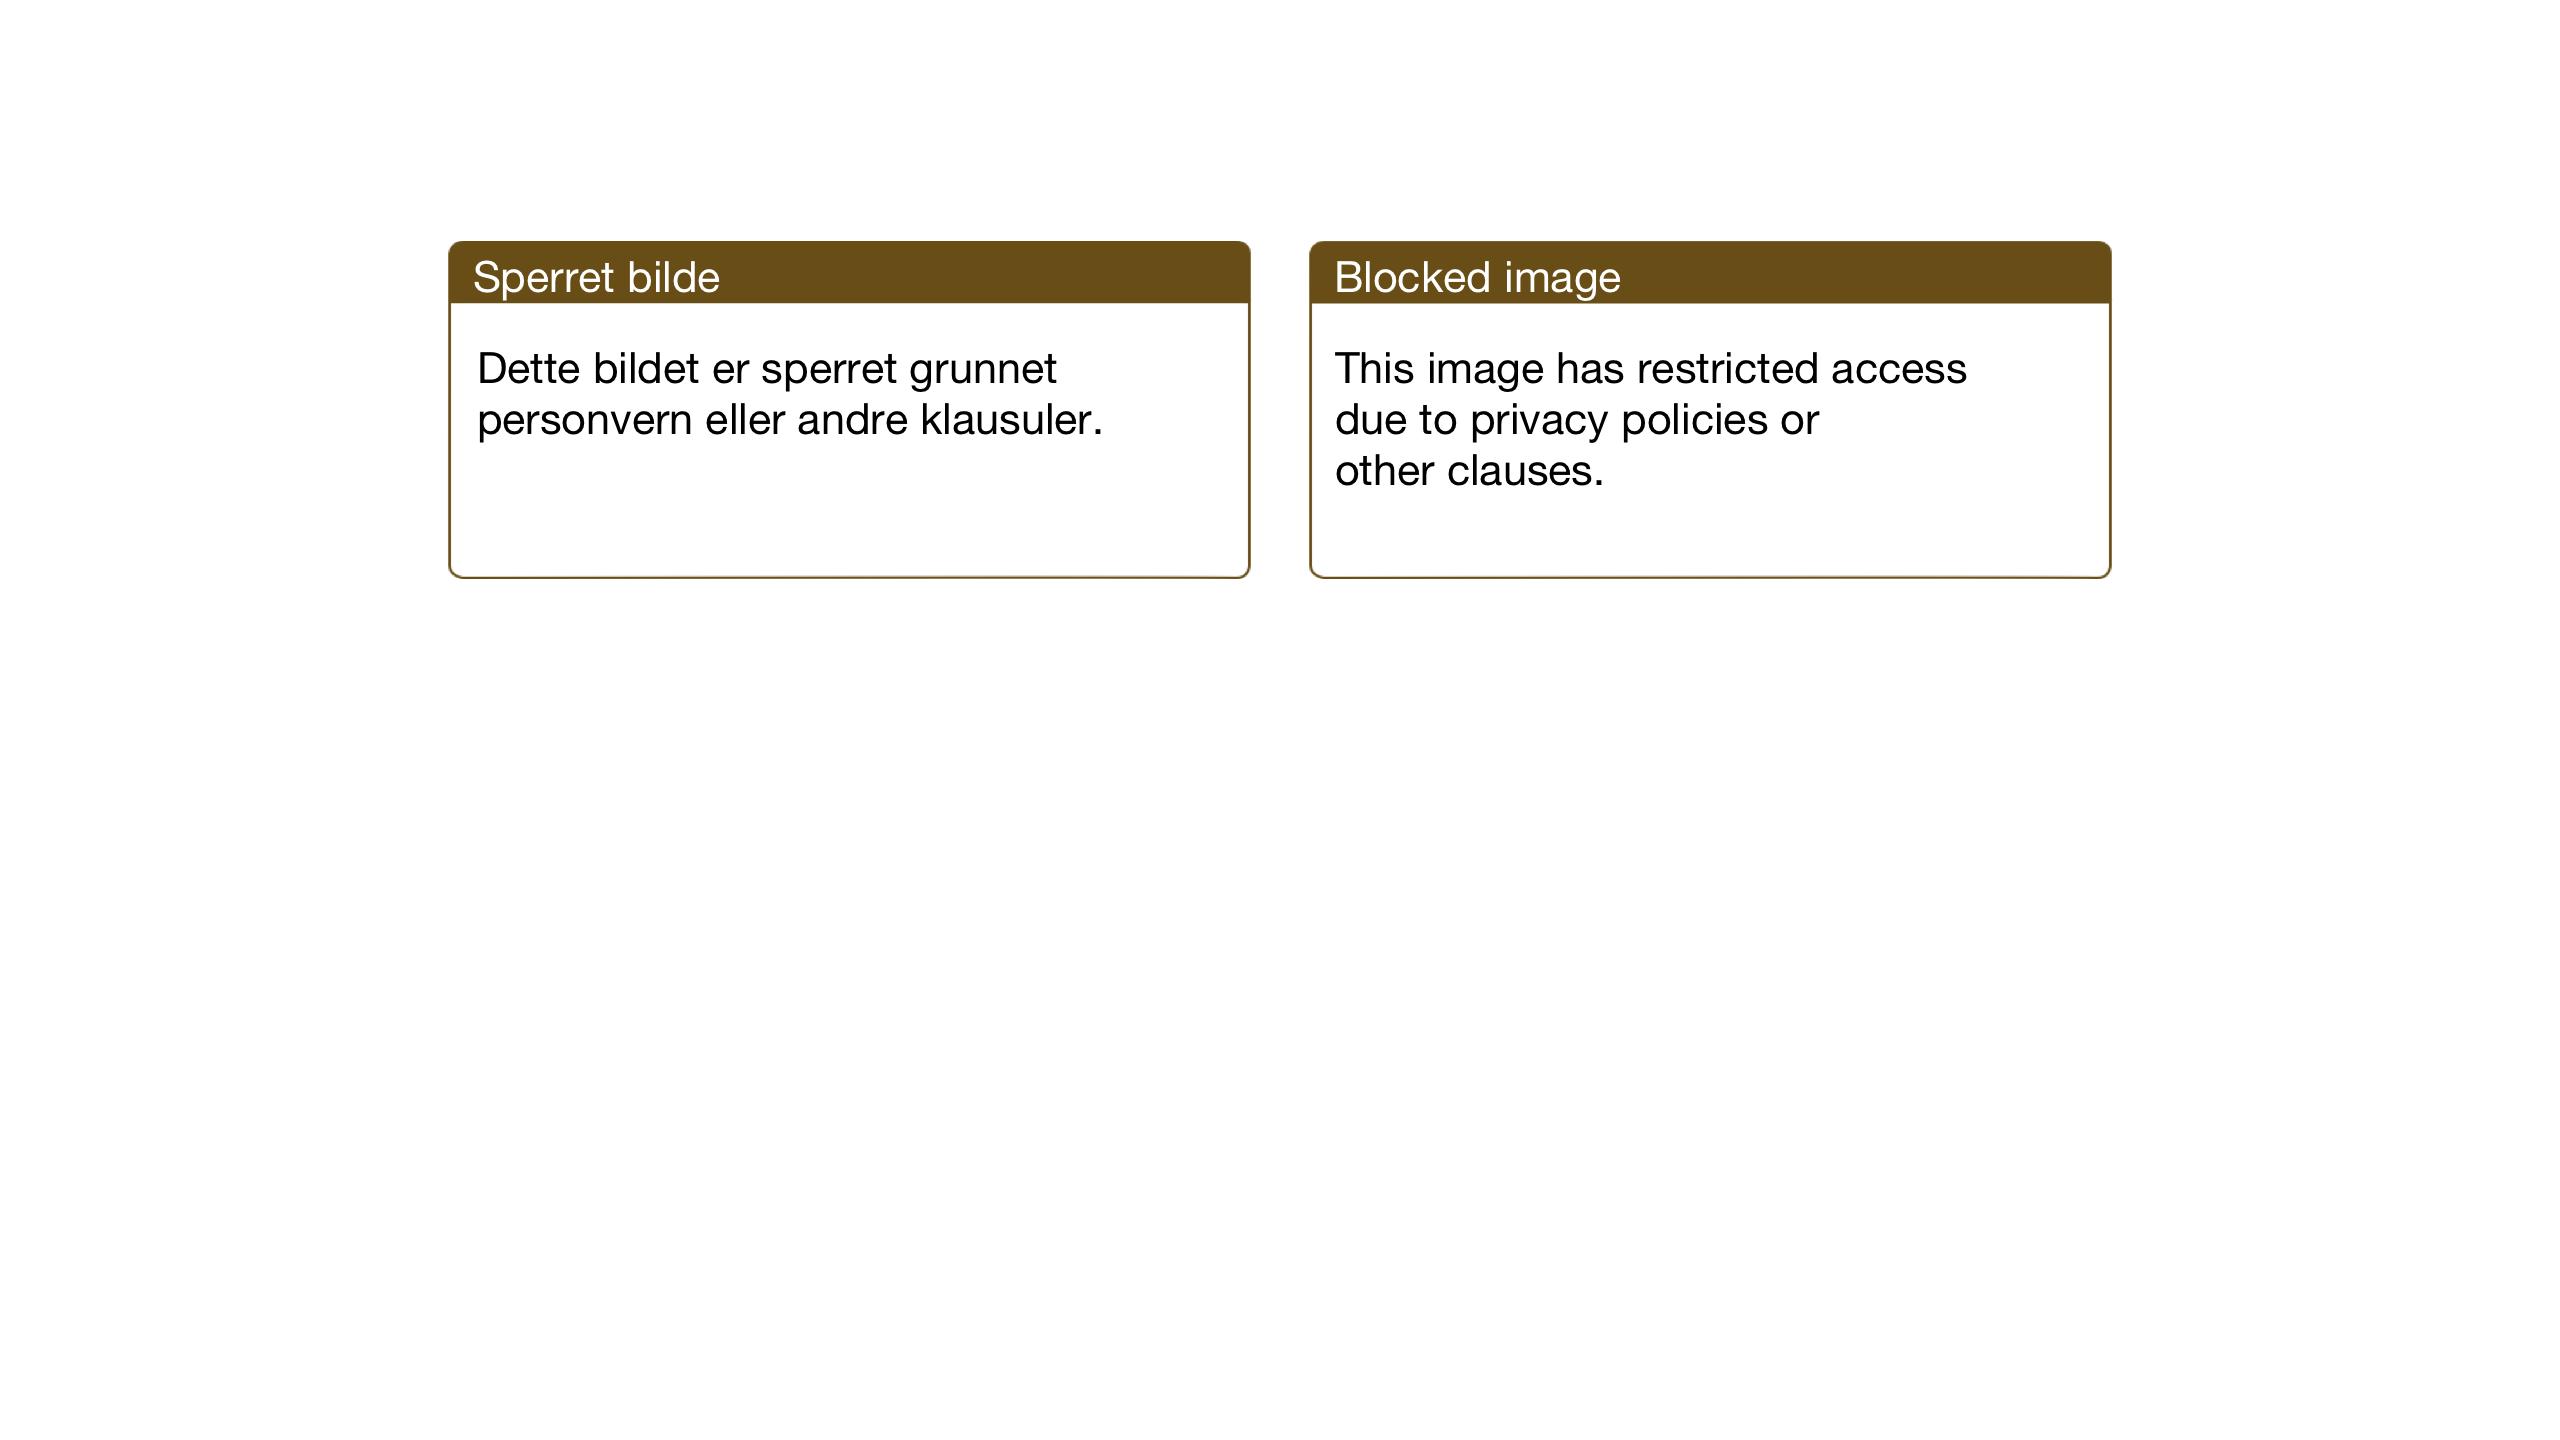 SAT, Ministerialprotokoller, klokkerbøker og fødselsregistre - Sør-Trøndelag, 669/L0832: Klokkerbok nr. 669C02, 1925-1953, s. 150